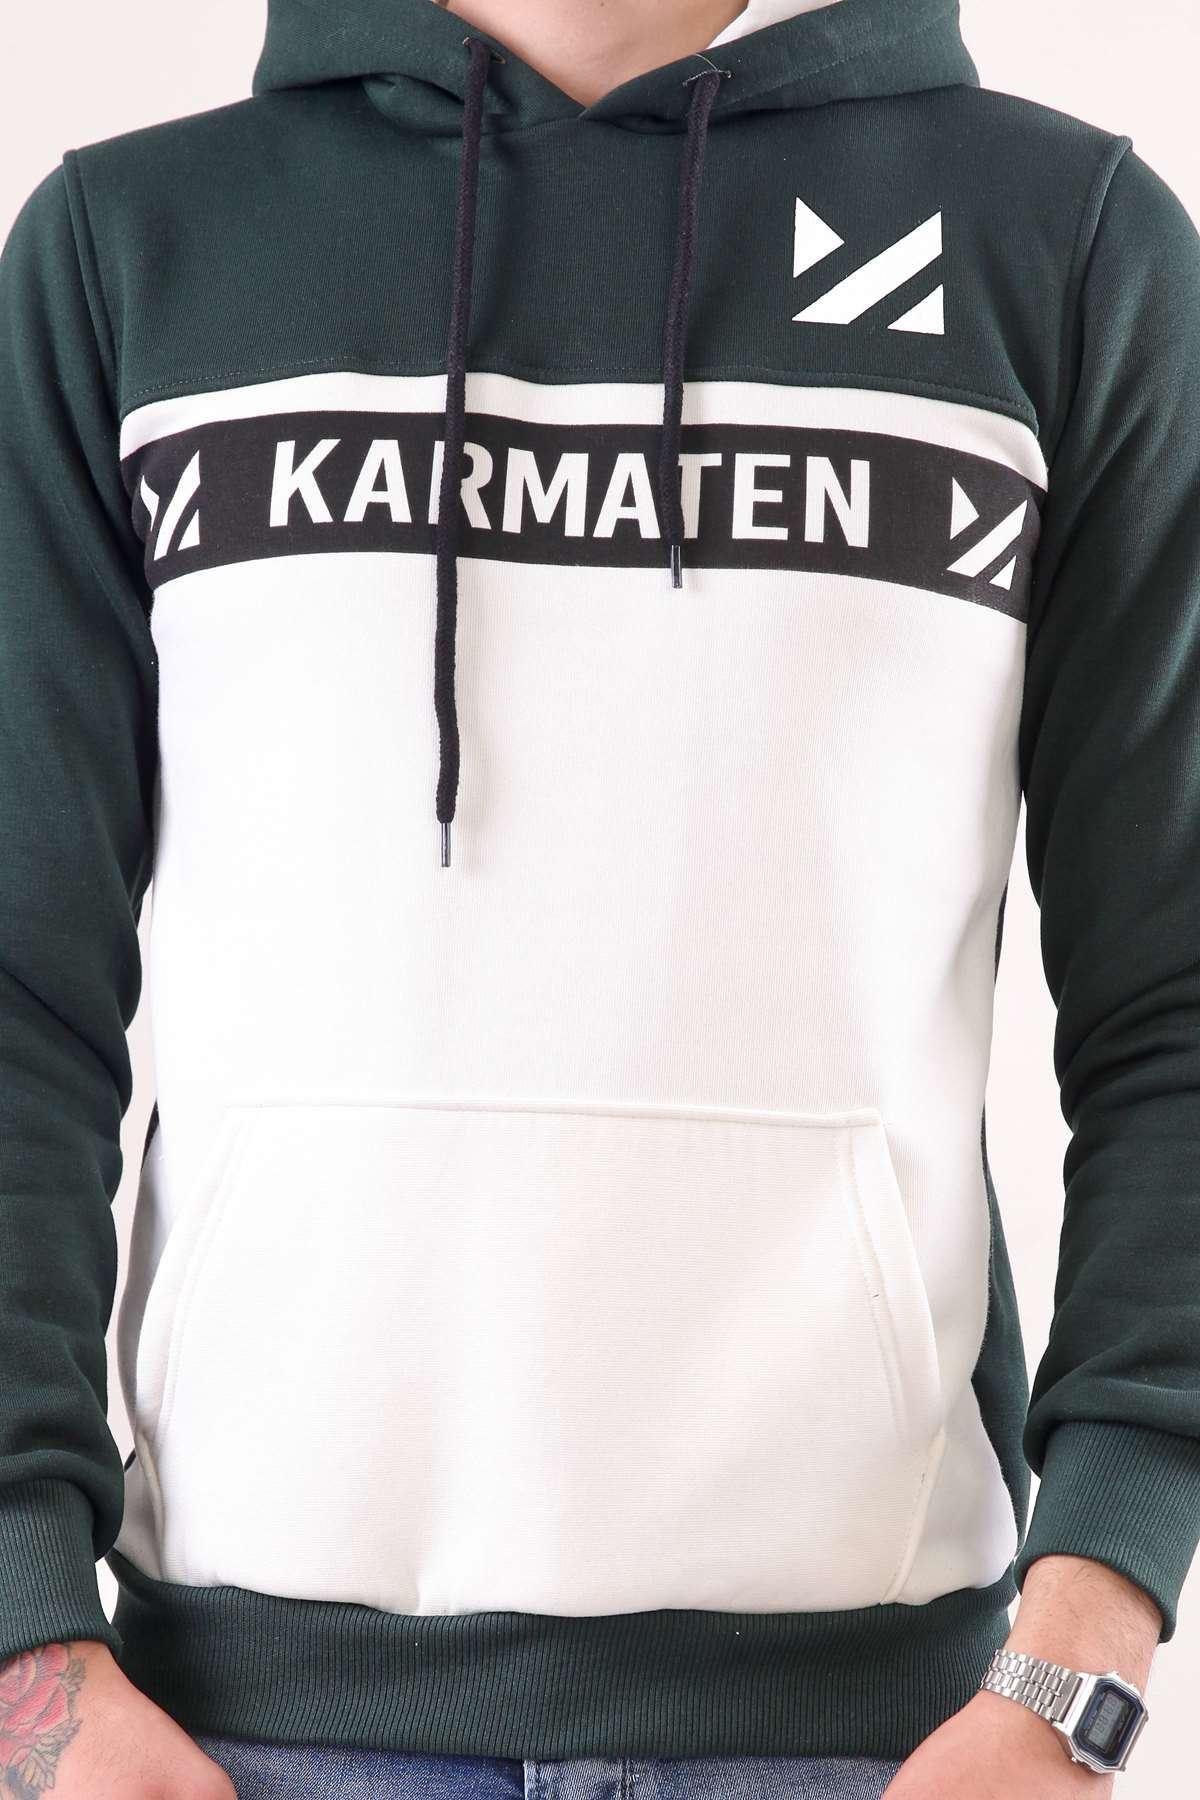 Kapşonlu Karmaten Baskılı Kanguru Cepli Sweatshirt Koyu Yeşil-Beyaz